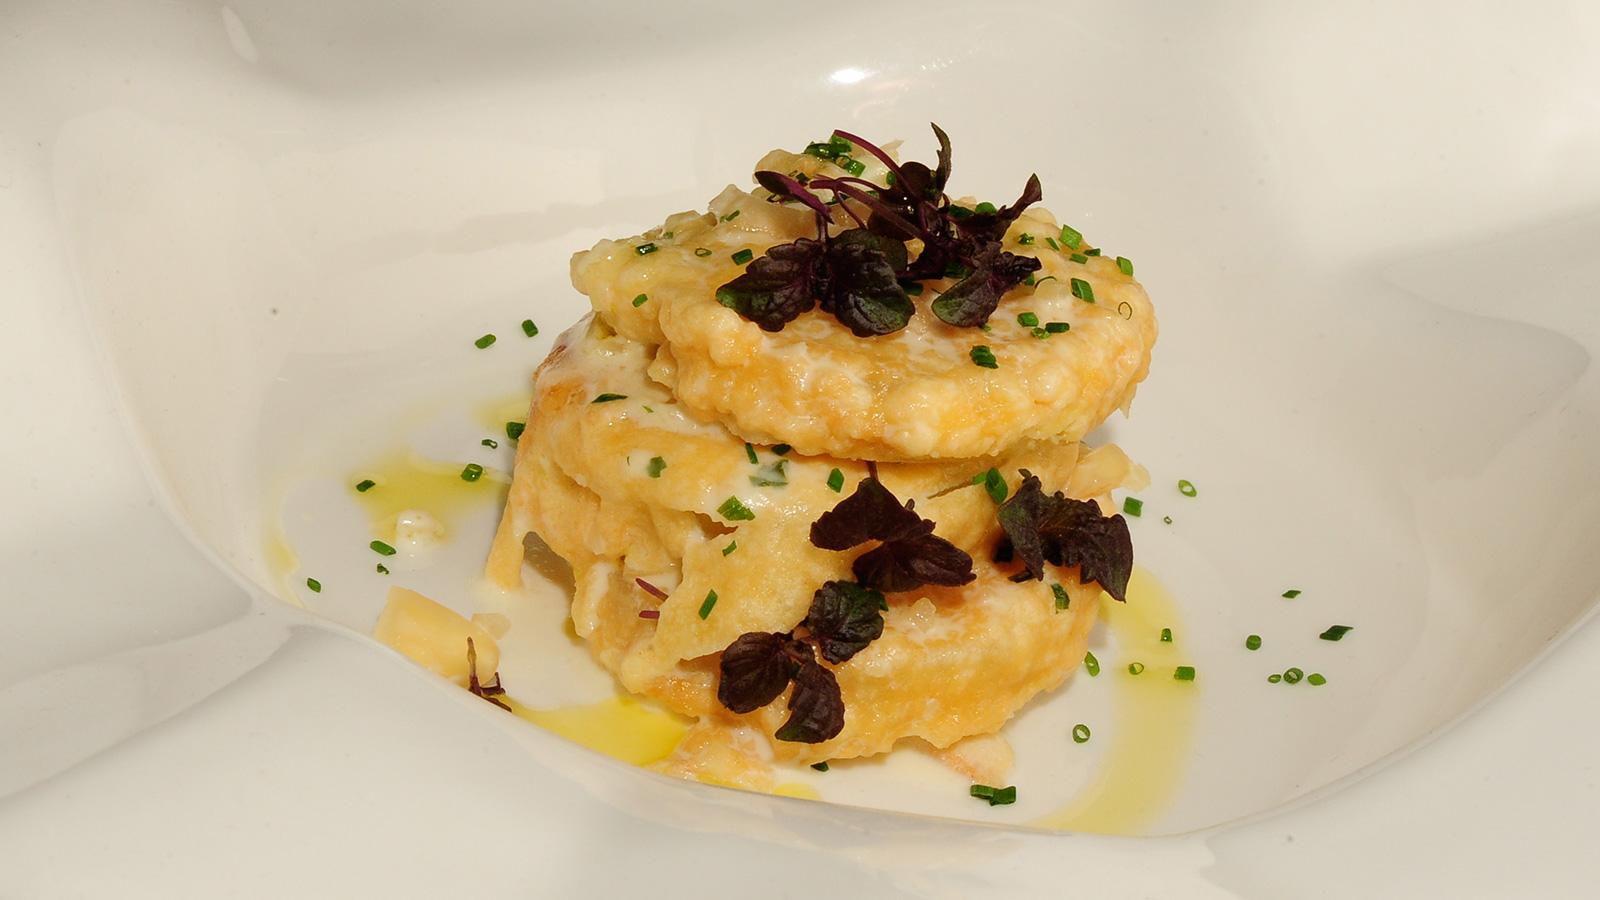 Patatas rebozadas sergio fern ndez receta canal cocina for Canal cocina sergio fernandez